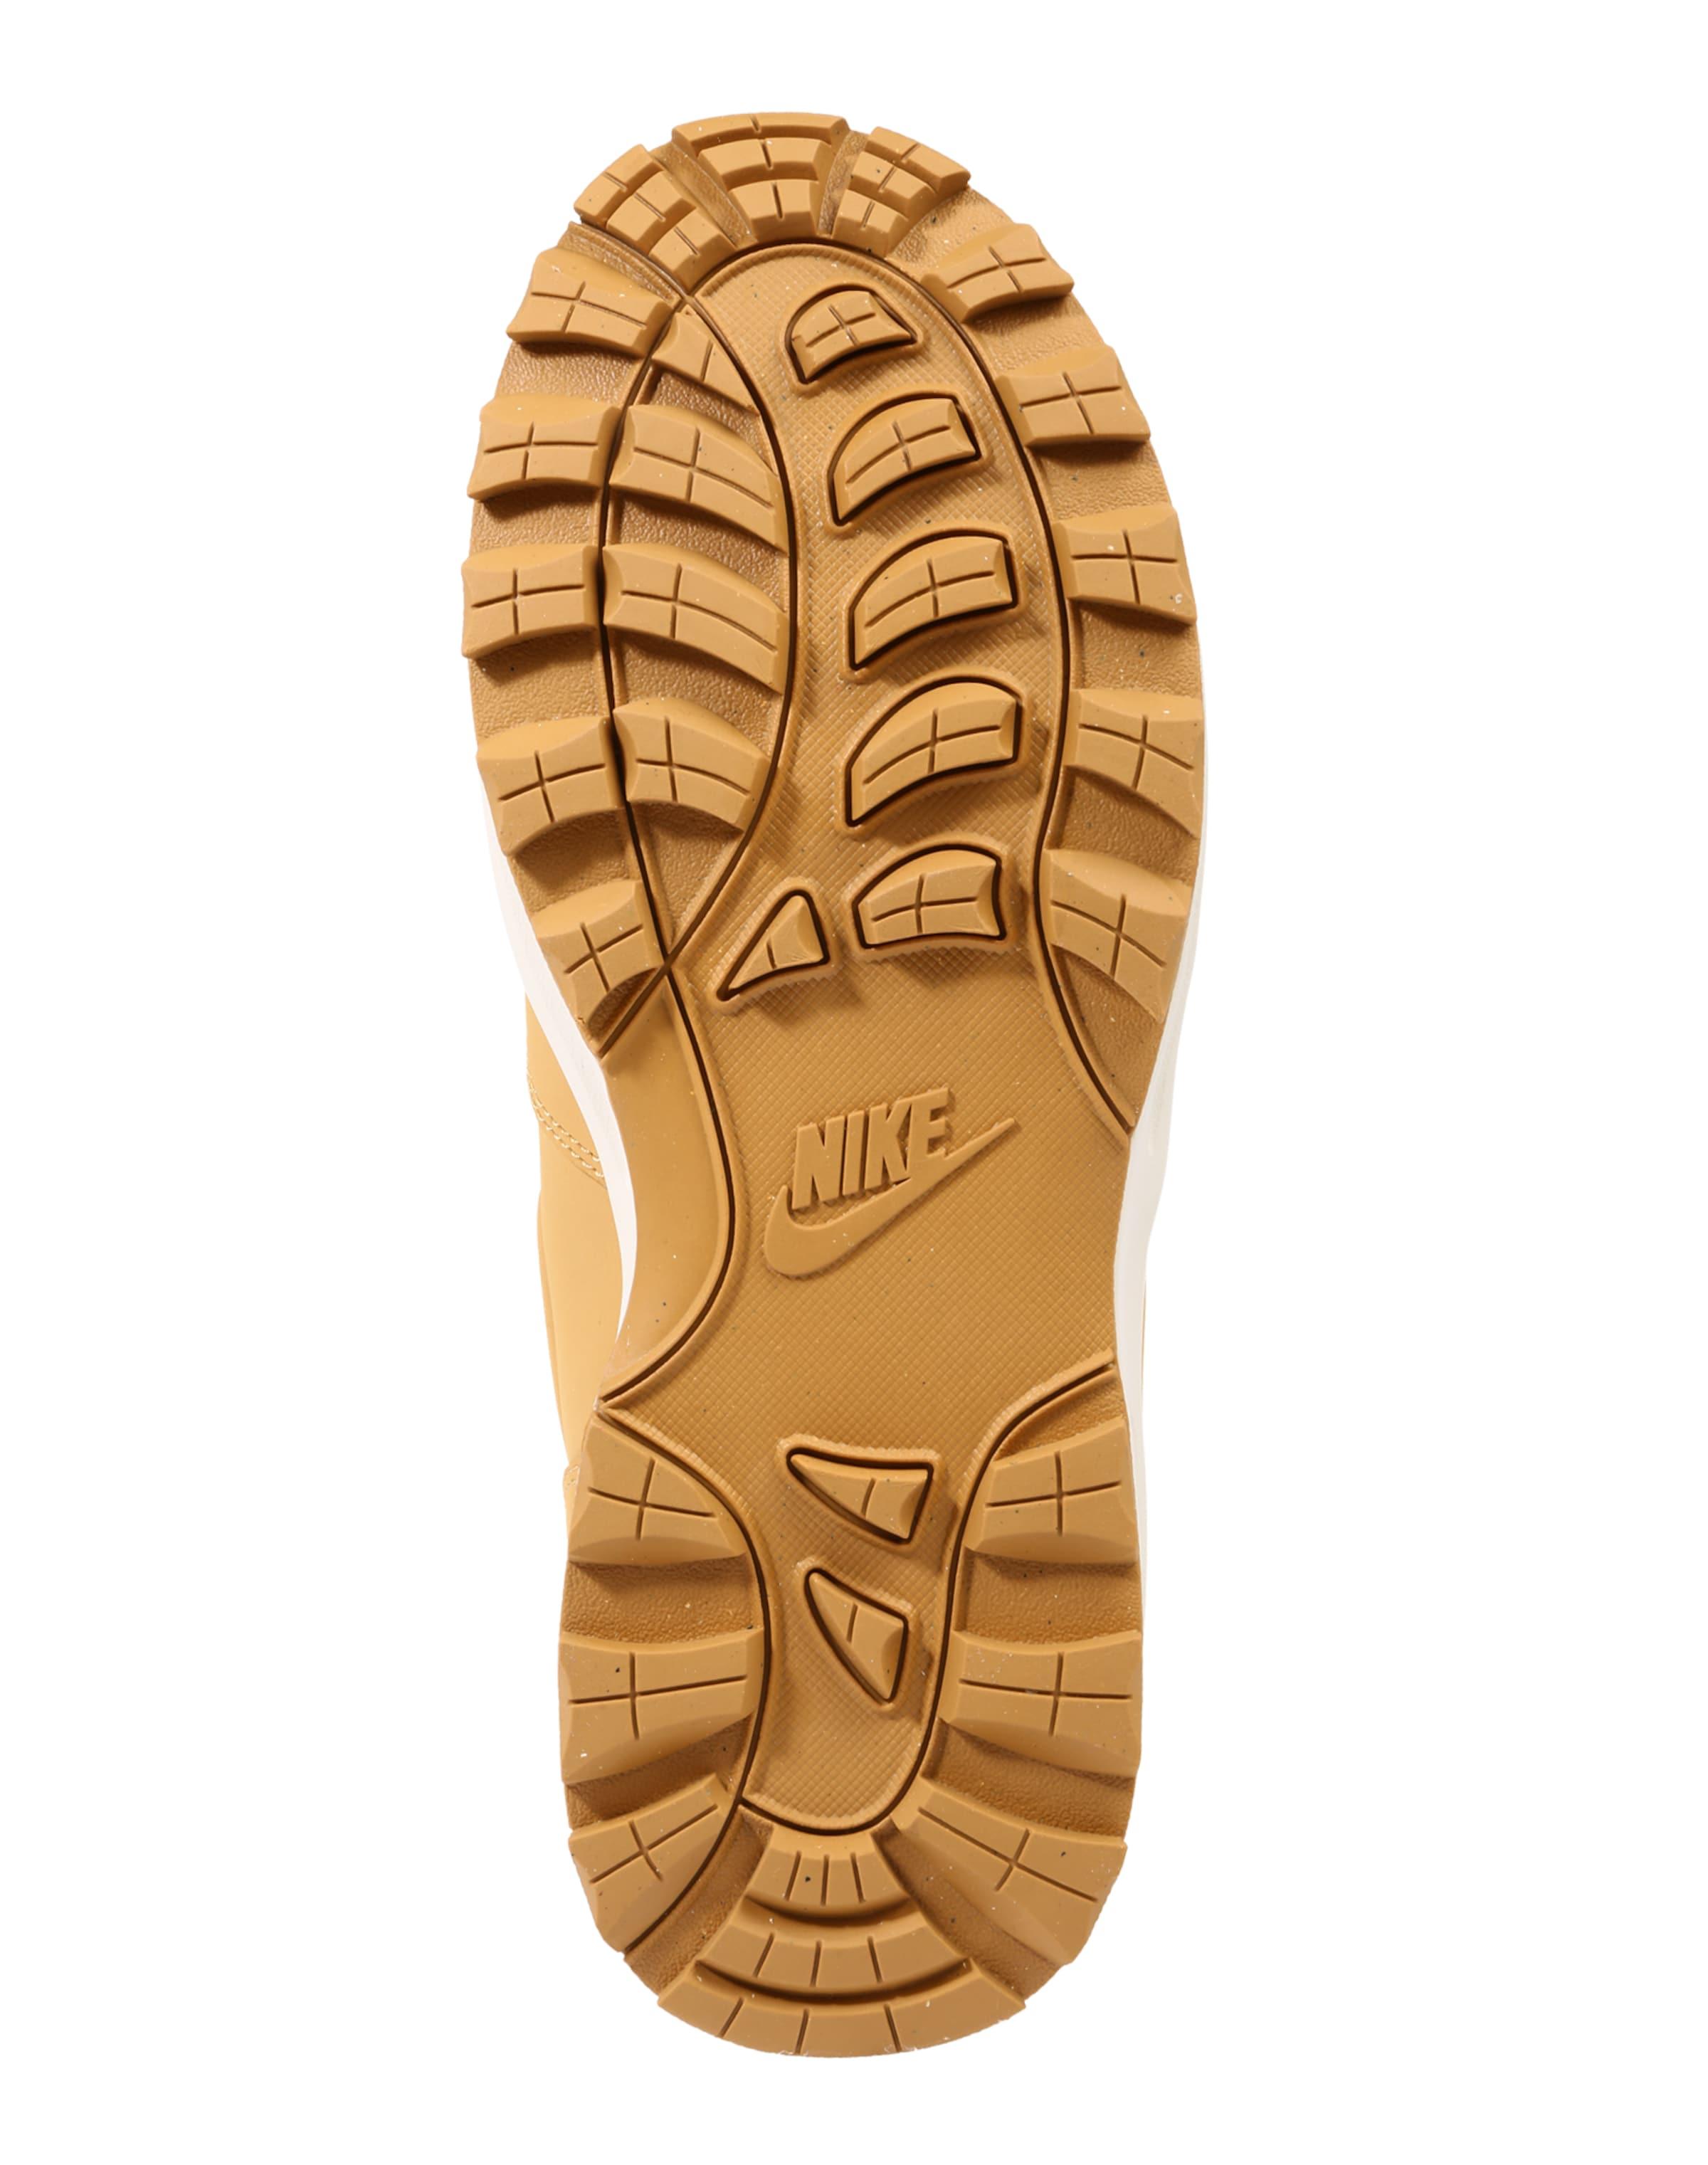 In Sportswear 'manoa' Sand High Sneaker Nike cTFJK1l